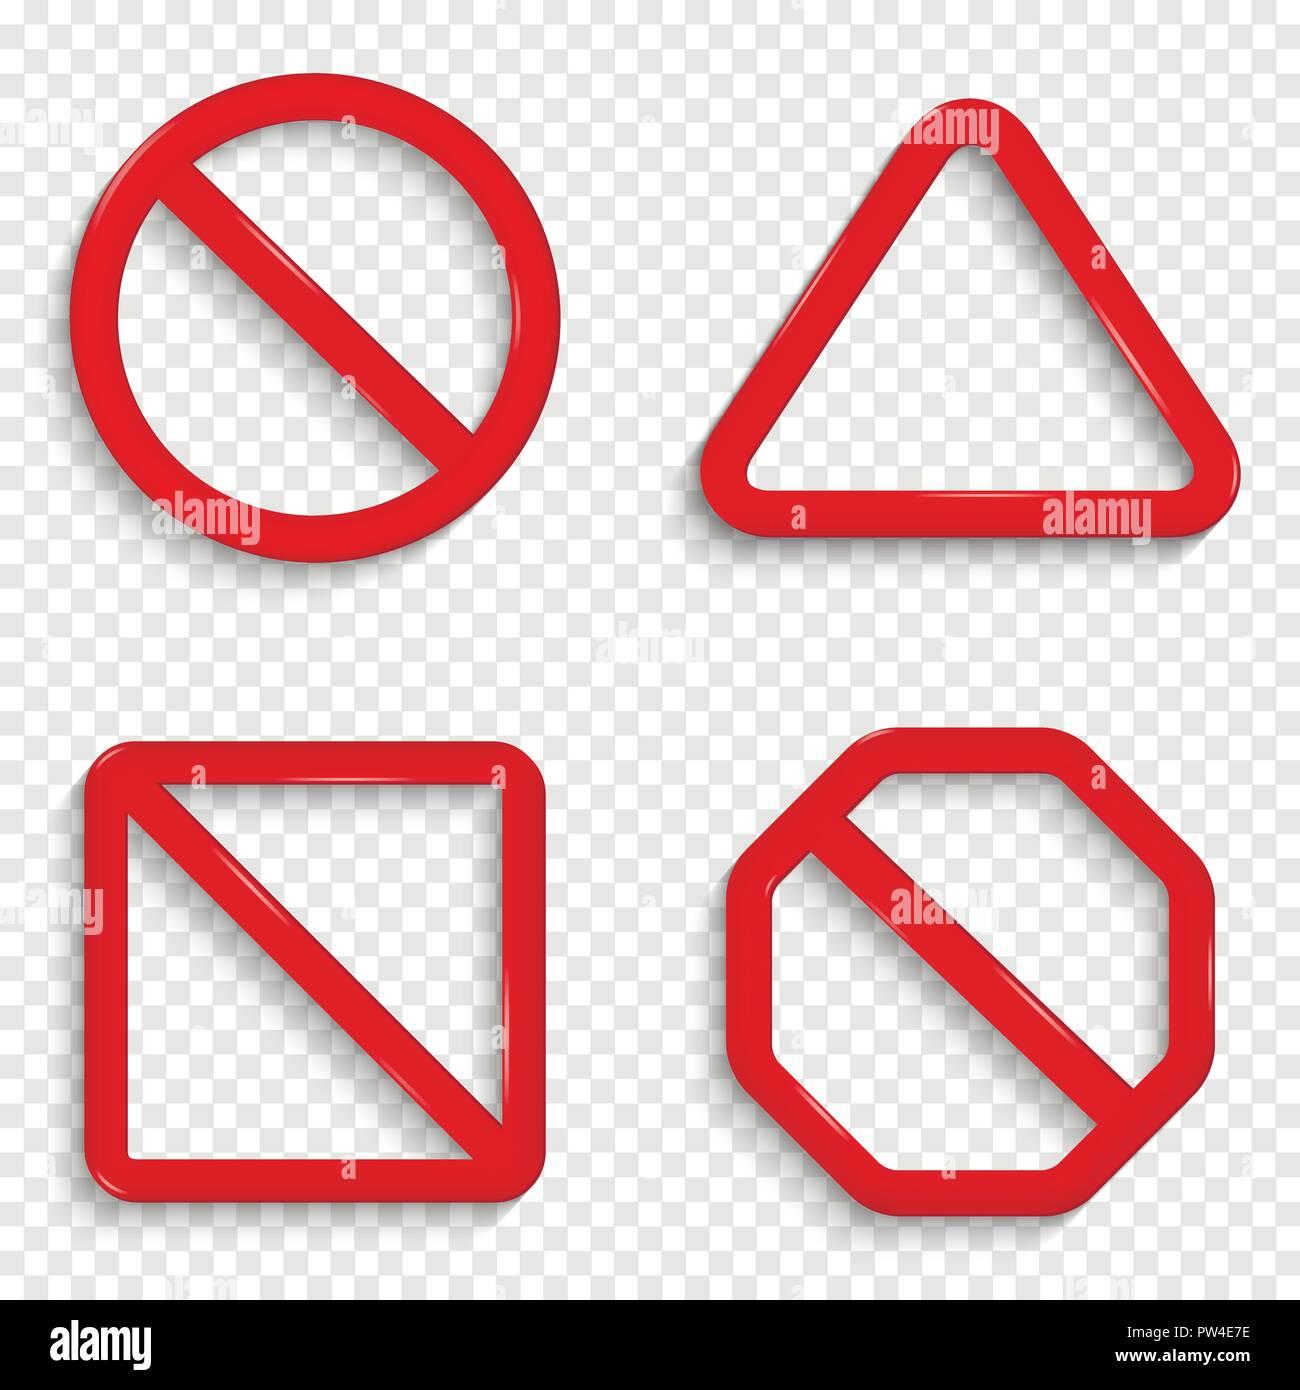 Keine Anzeichen. Verbotene rote Zeichen auf transparentem Hintergrund isoliert. Stockbild